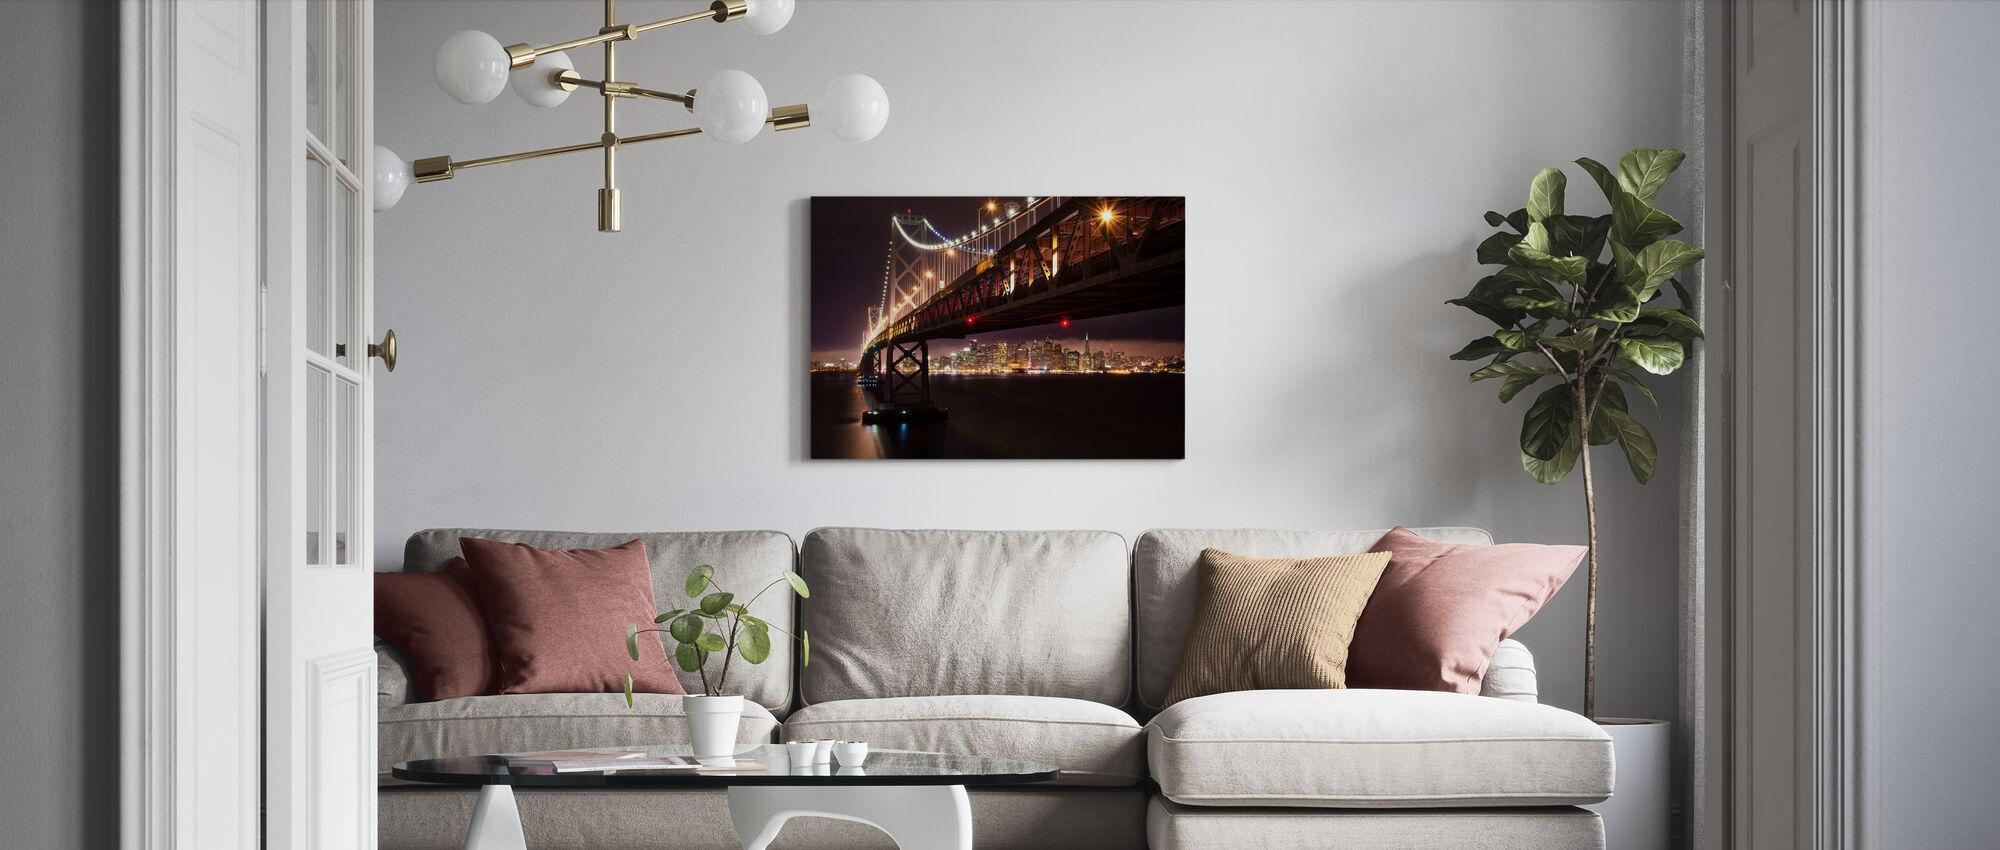 Bay Bridge i natten - Billede på lærred - Stue